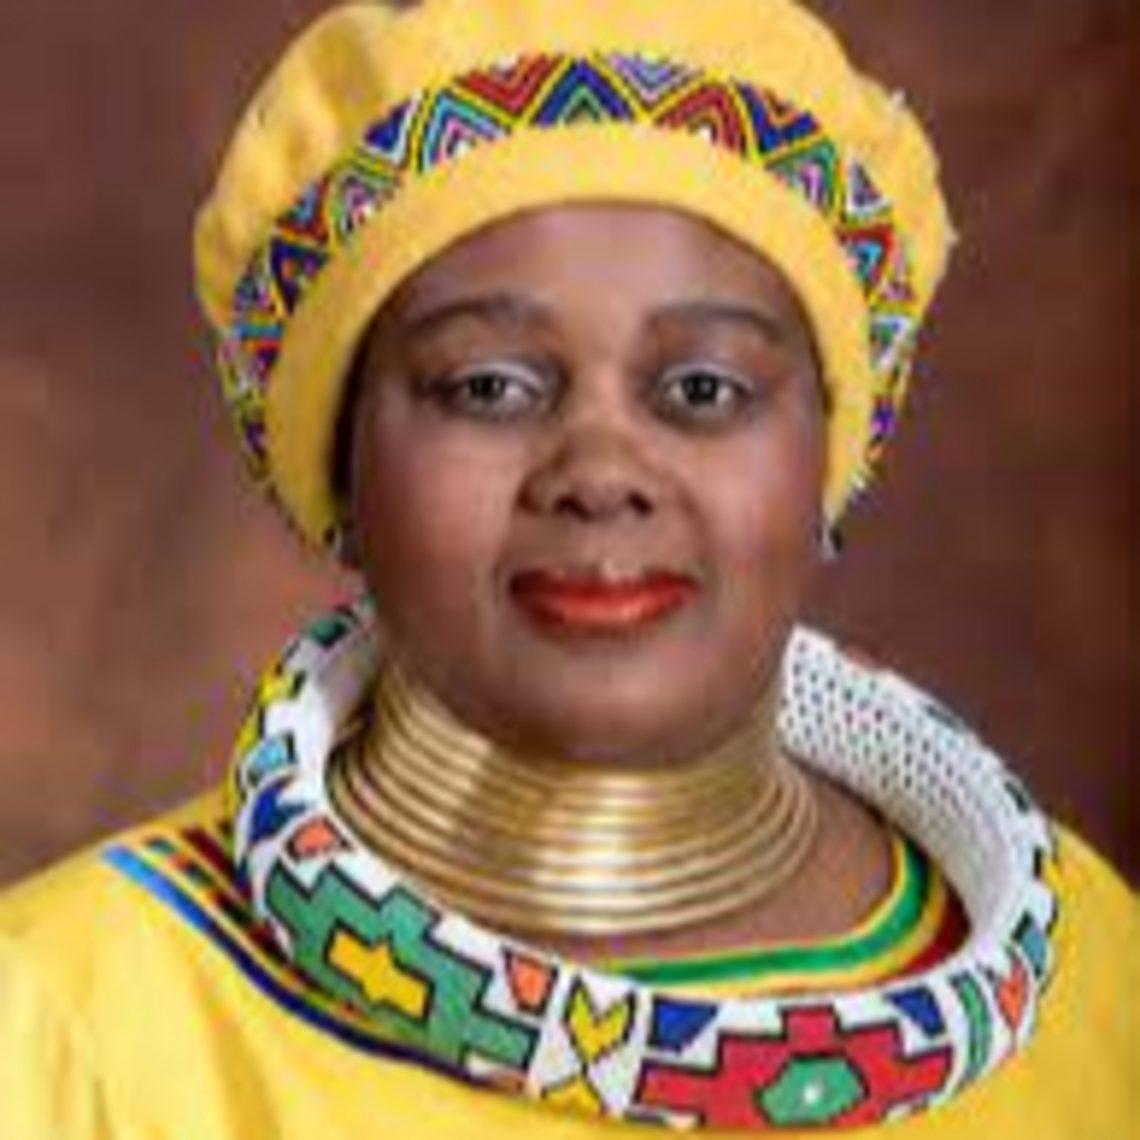 Mulheres de valor para a África: como vê o Ministro do Turismo da África do Sul?